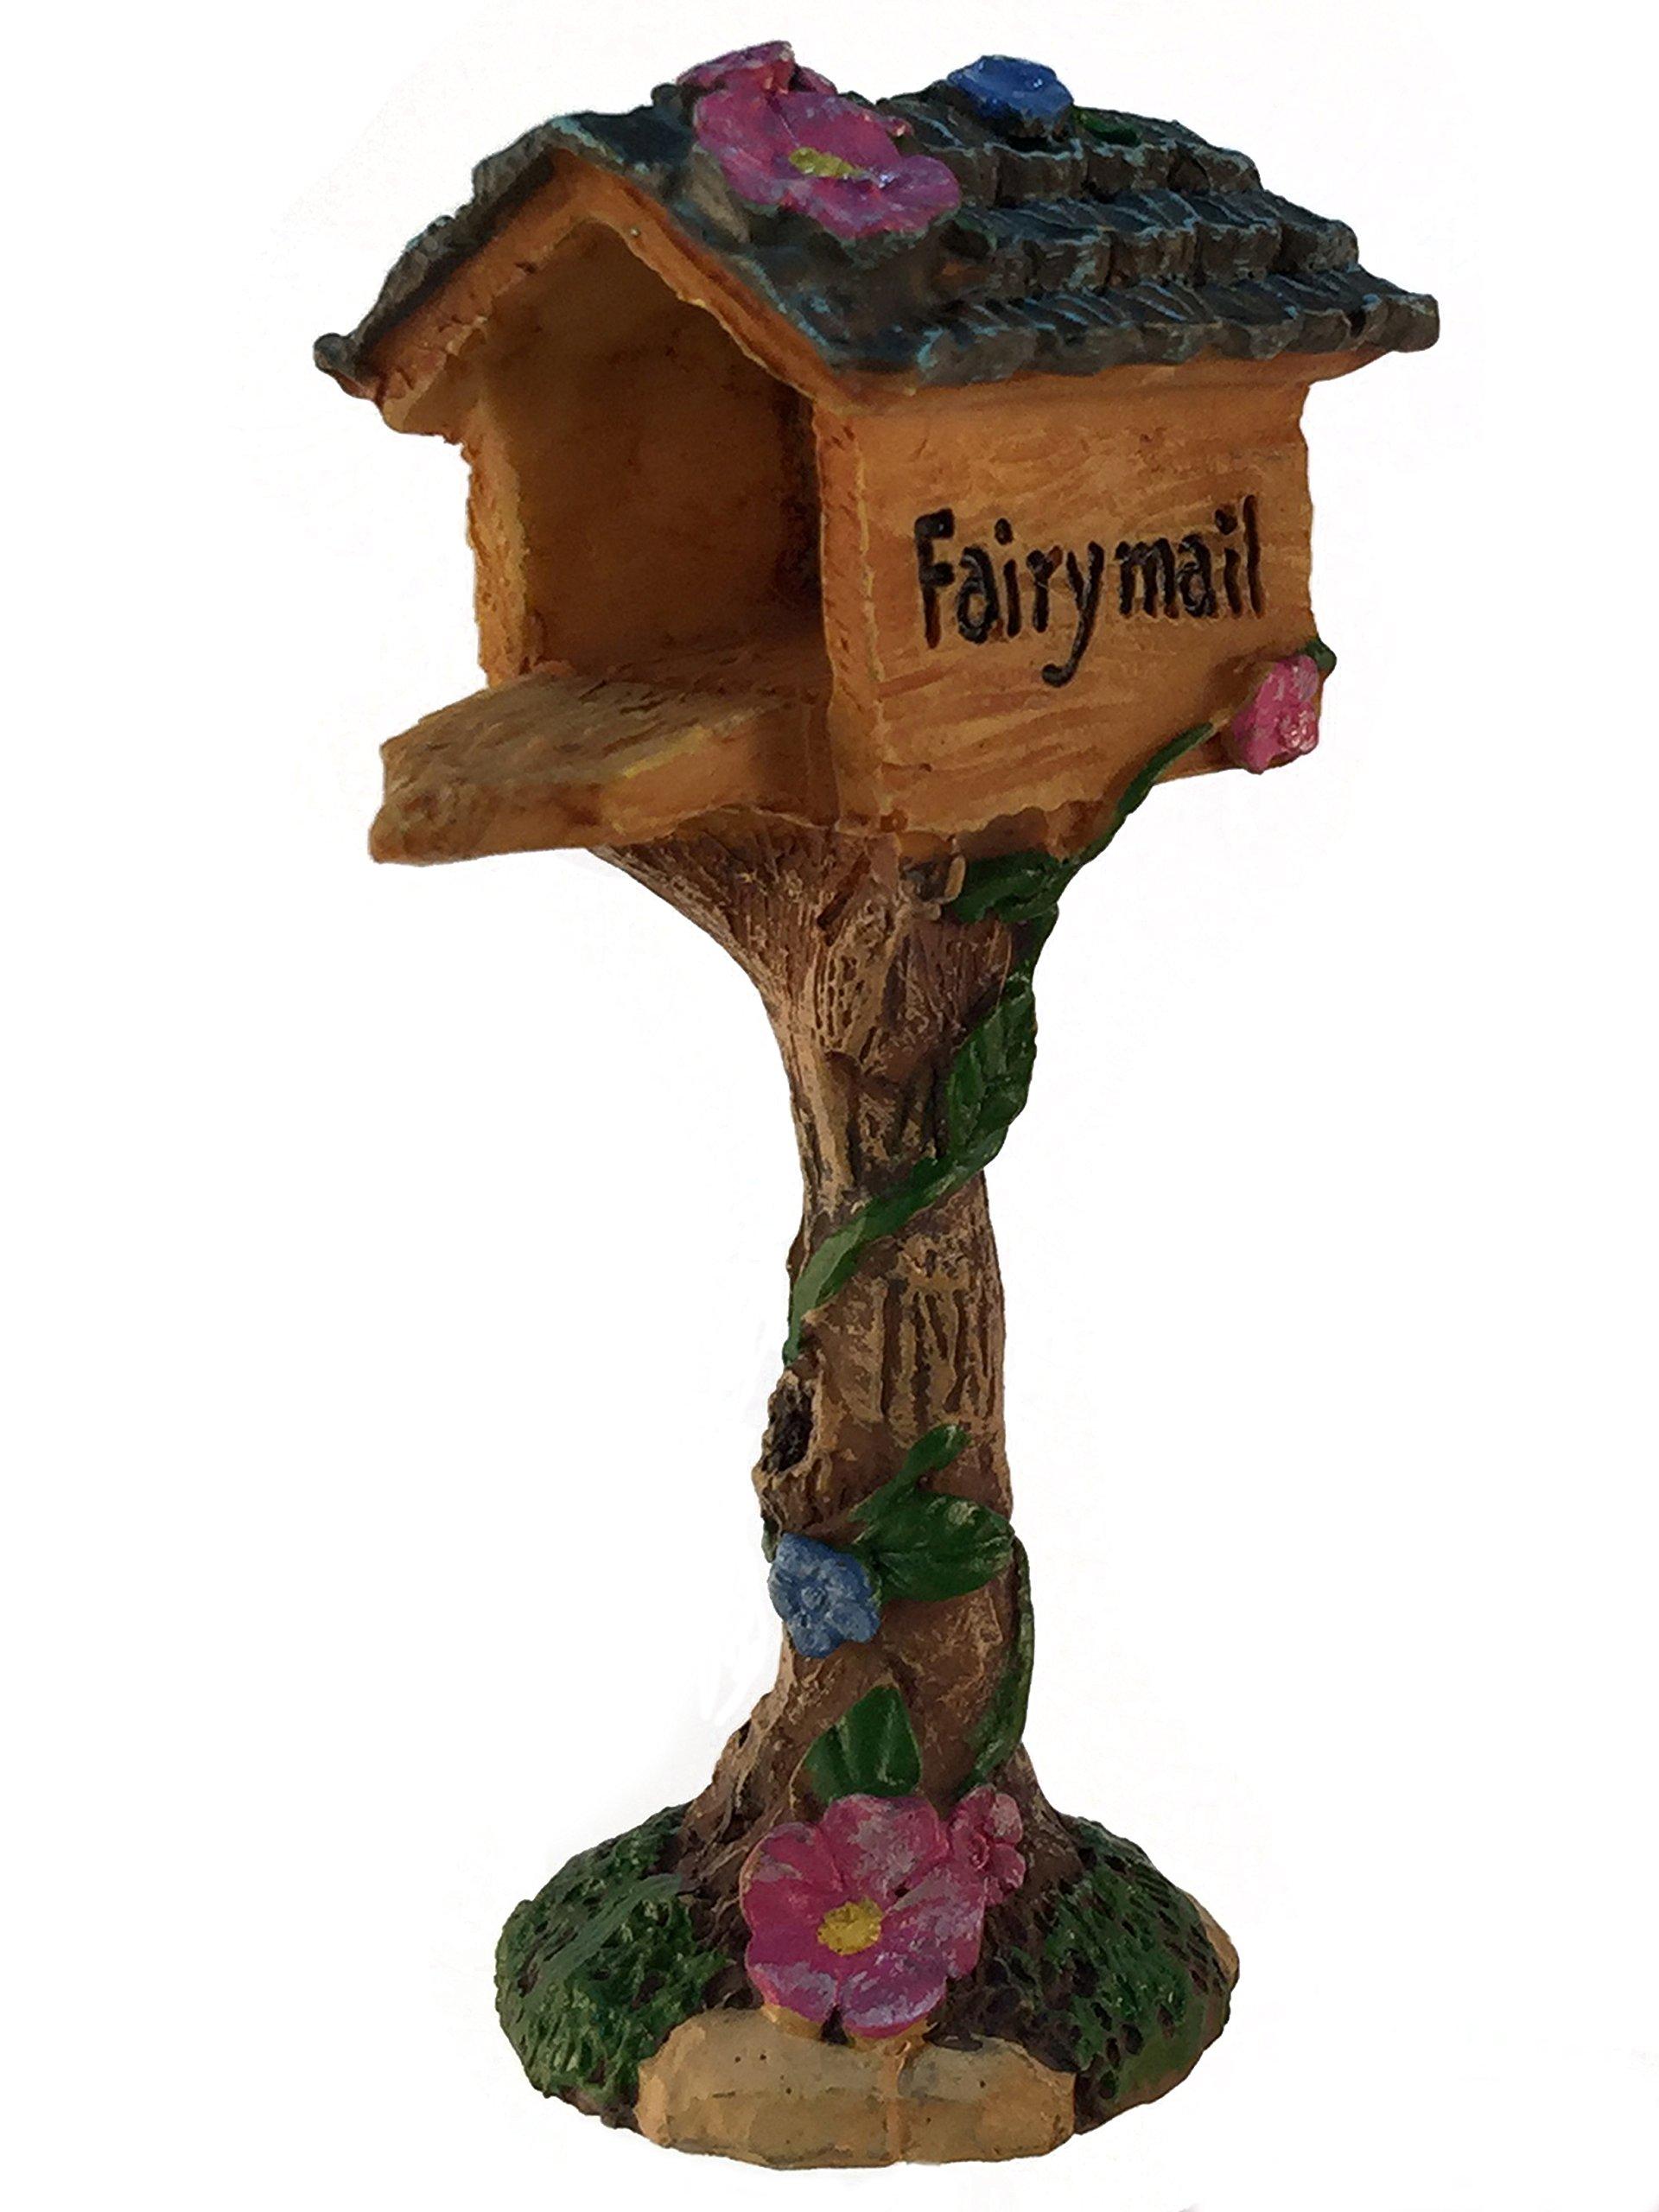 Miniature Fairy Mailbox for the Enchanted Garden - A Fairy Garden Accessory